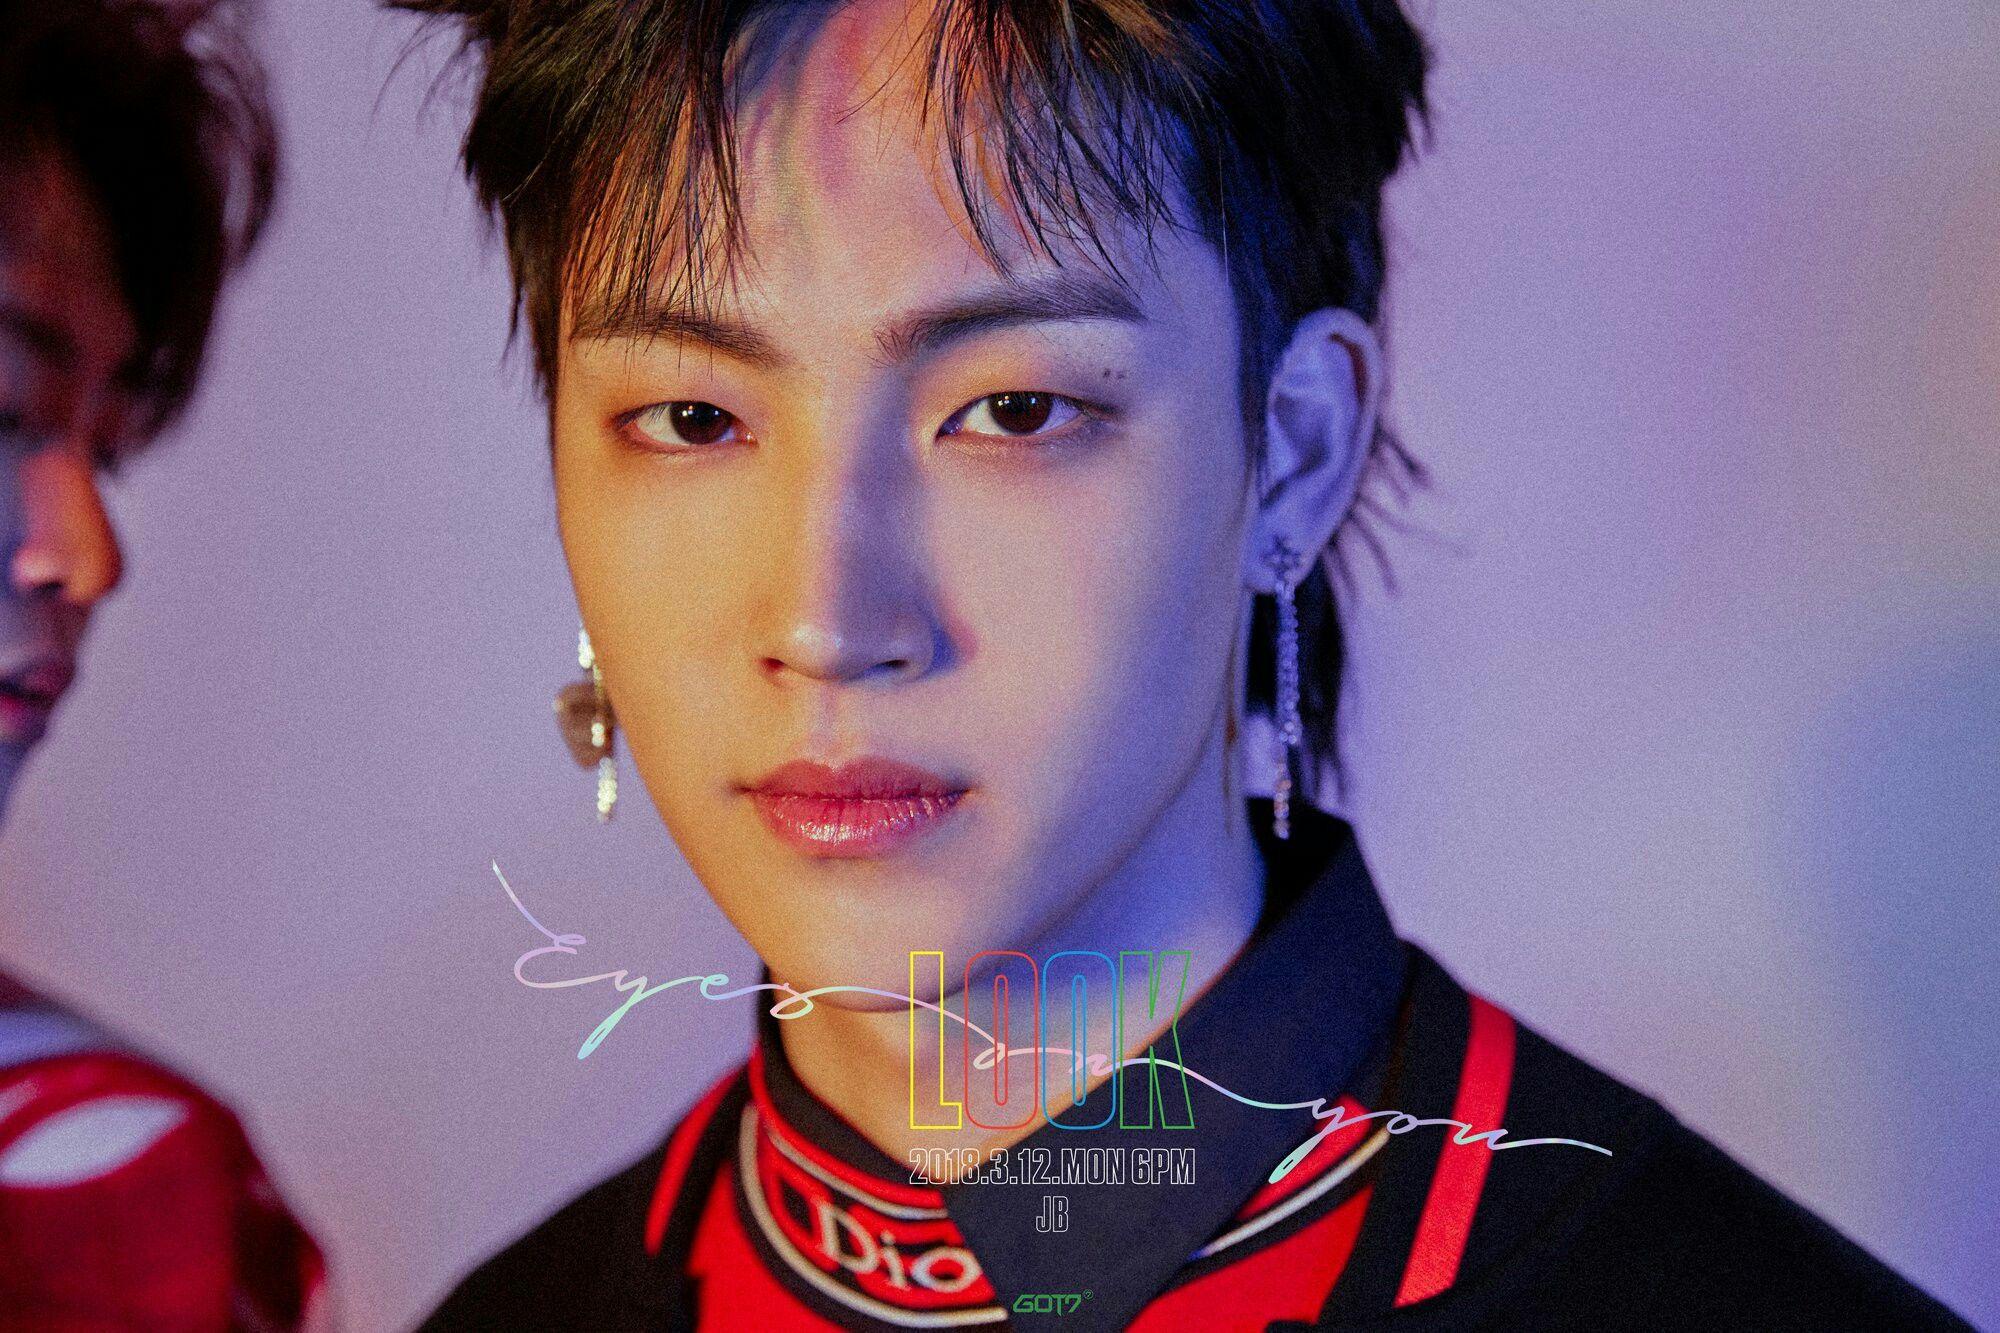 GOT7 <Eyes On You> TEASER IMAGE #JB ① #GOT7 #갓세븐